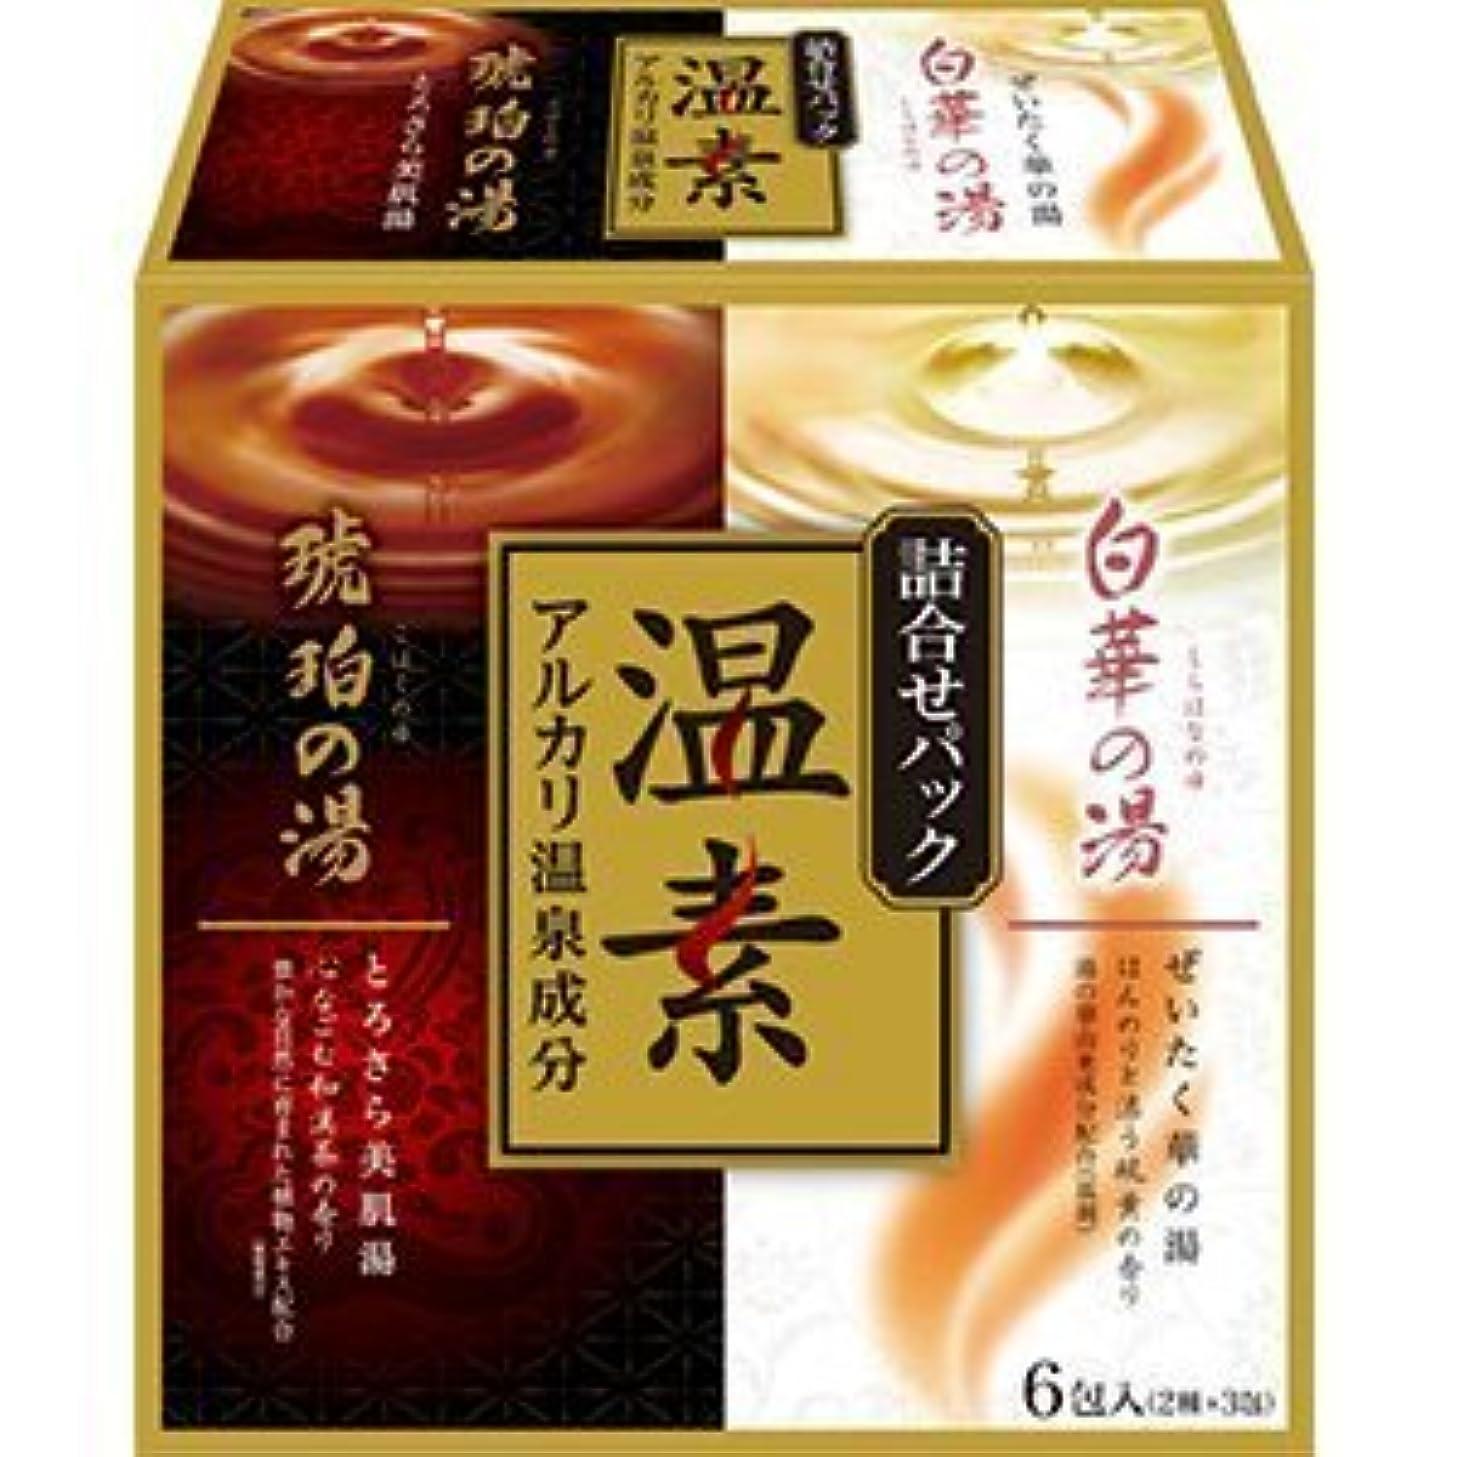 する匿名水を飲む温素 琥珀の湯&白華の湯 詰合せパック × 5個セット